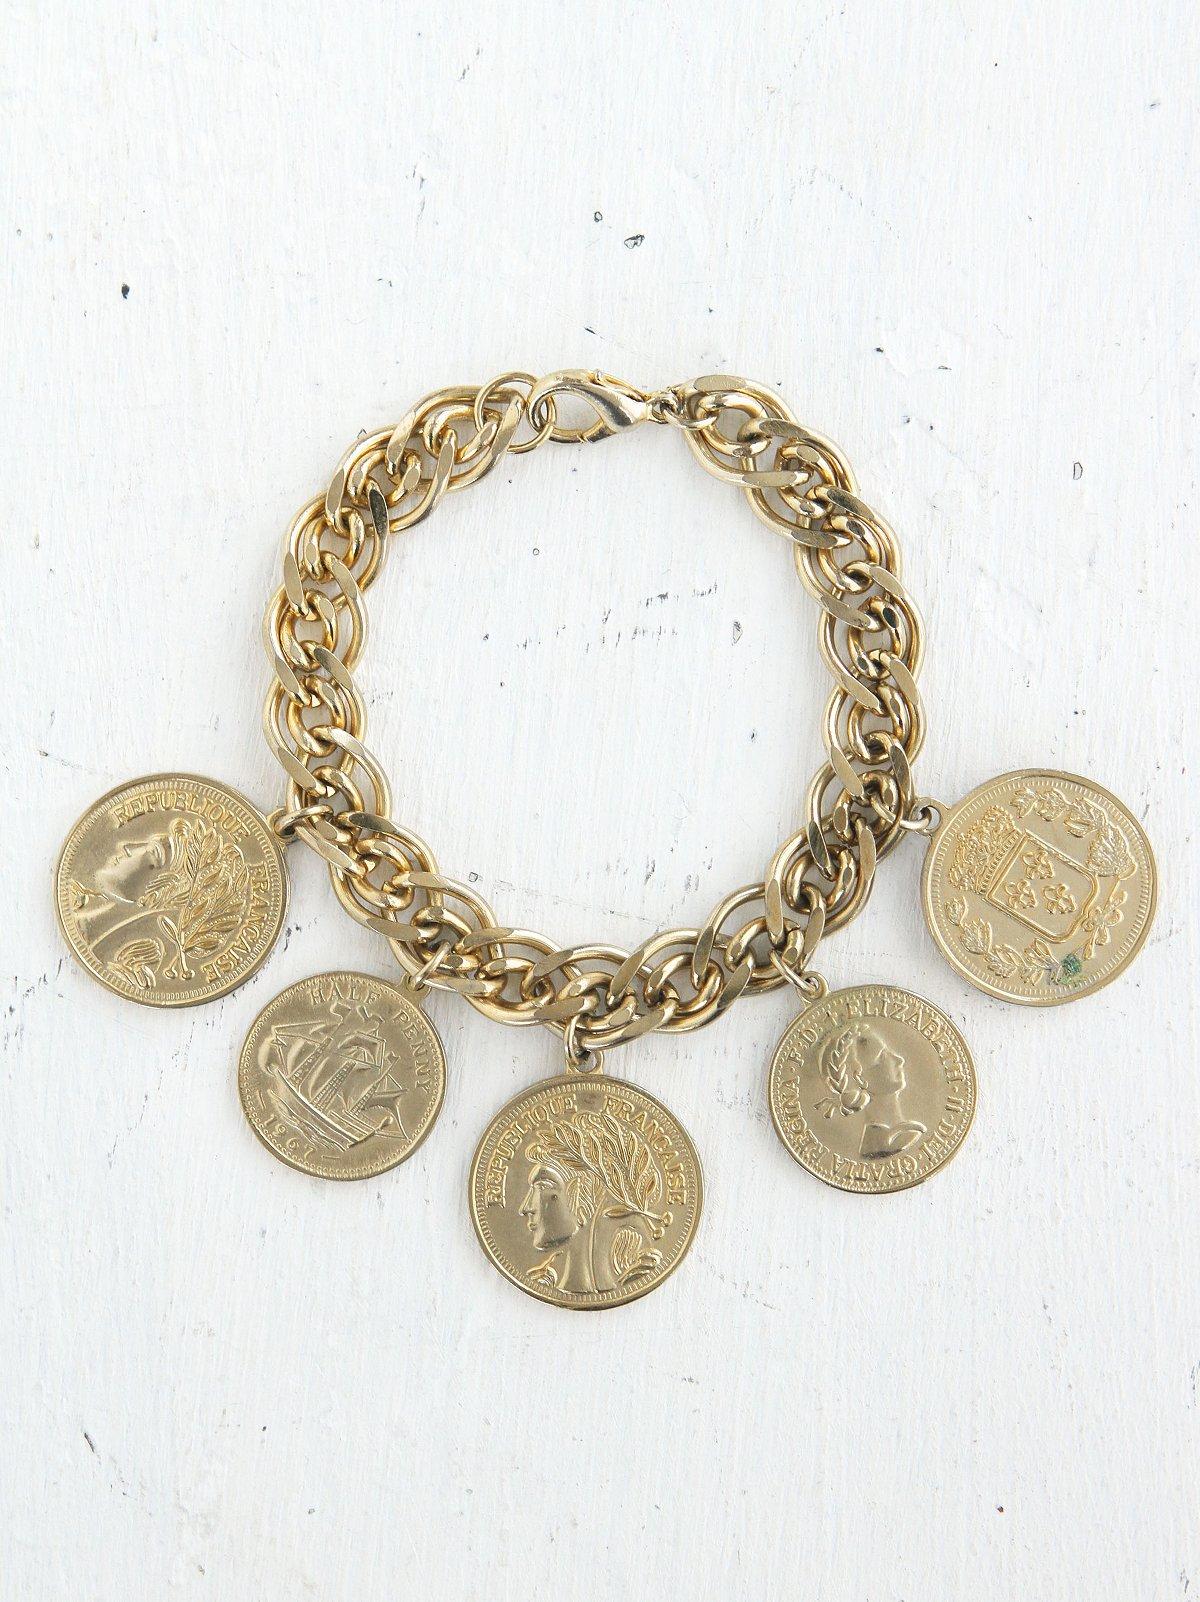 Vintage Gold-Toned Coin Bracelet